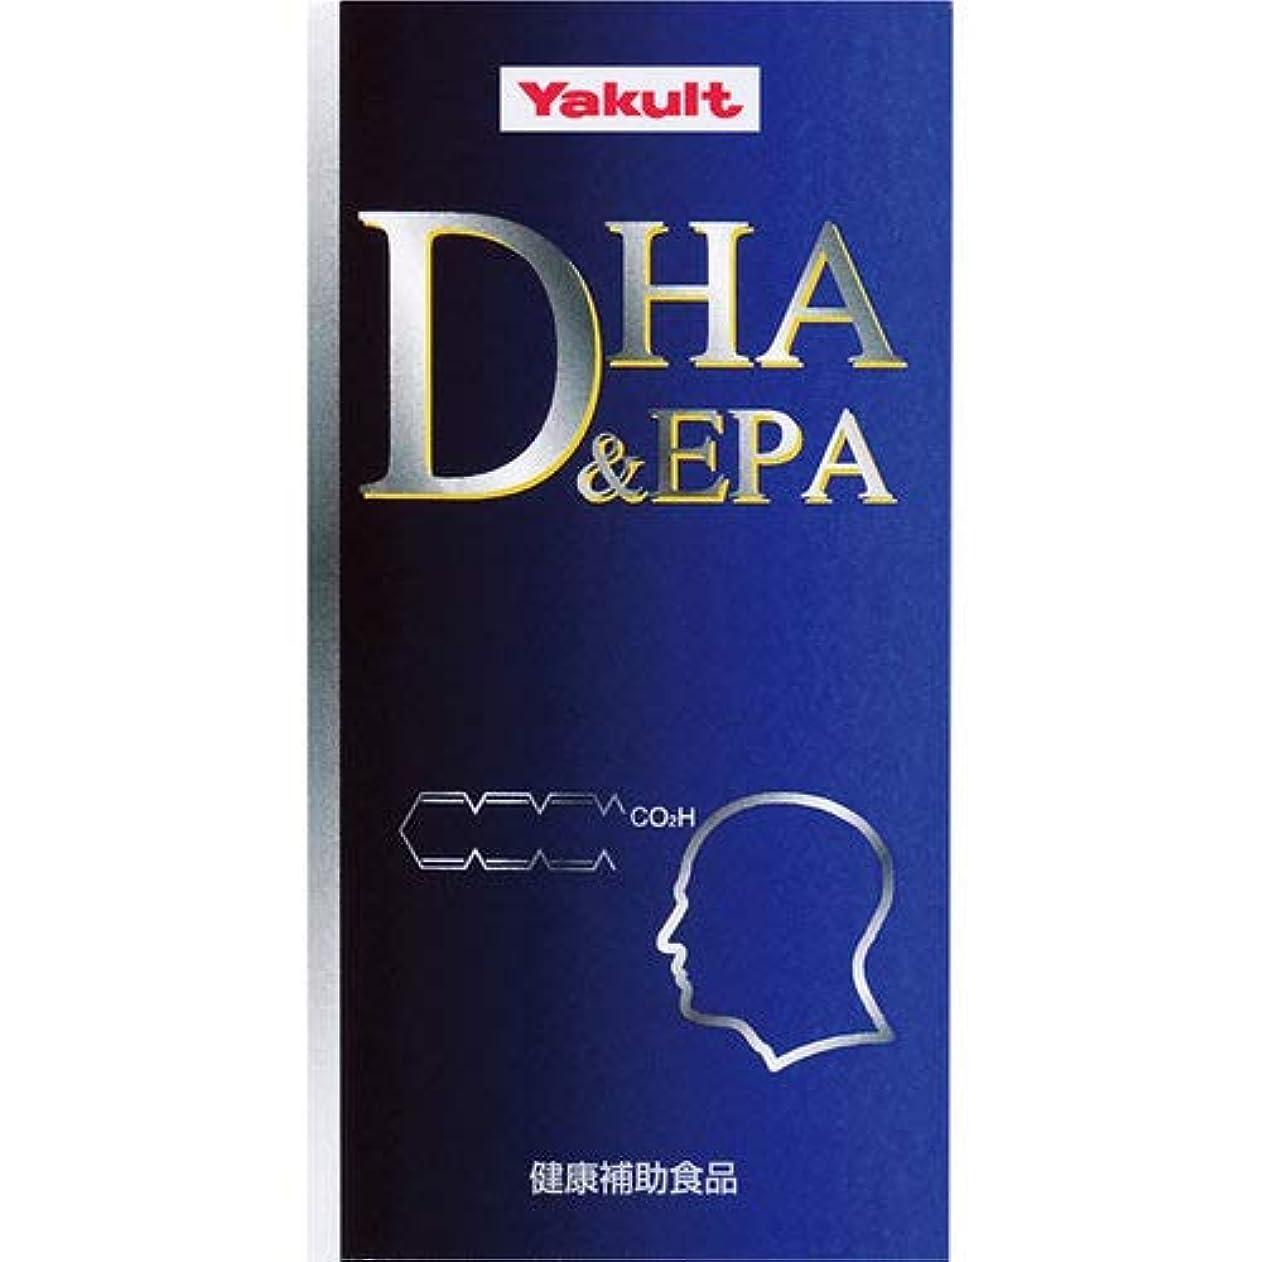 会話硬い嬉しいですDHA&EPA 54g